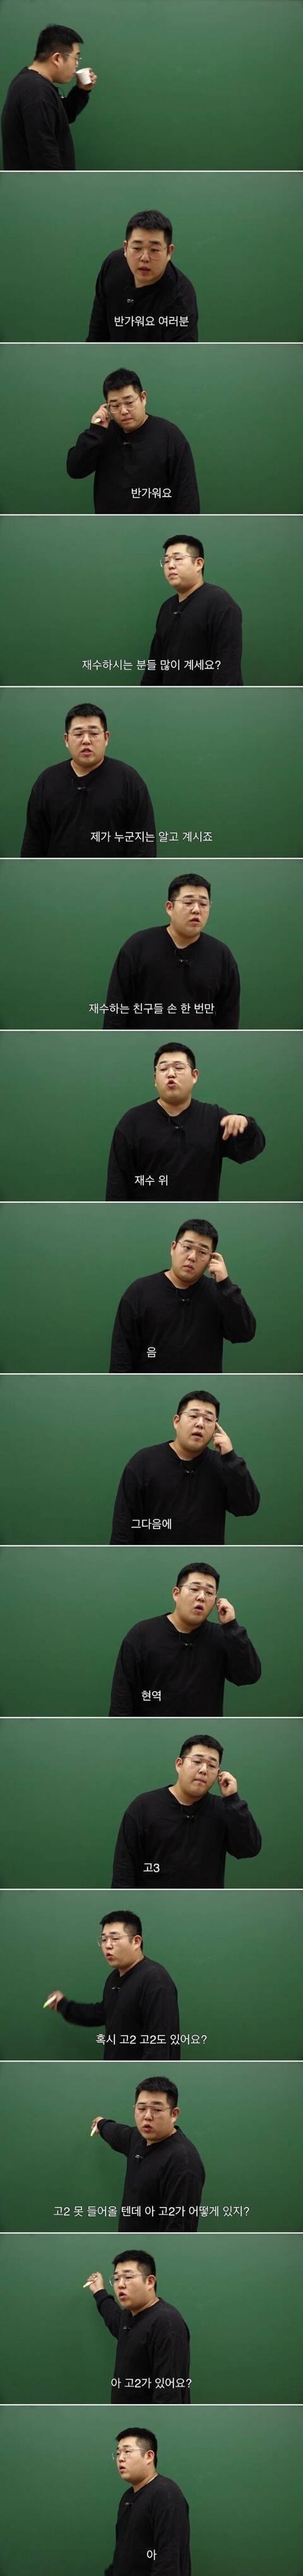 인강 강사의 오리엔테이션.jpg | 인스티즈